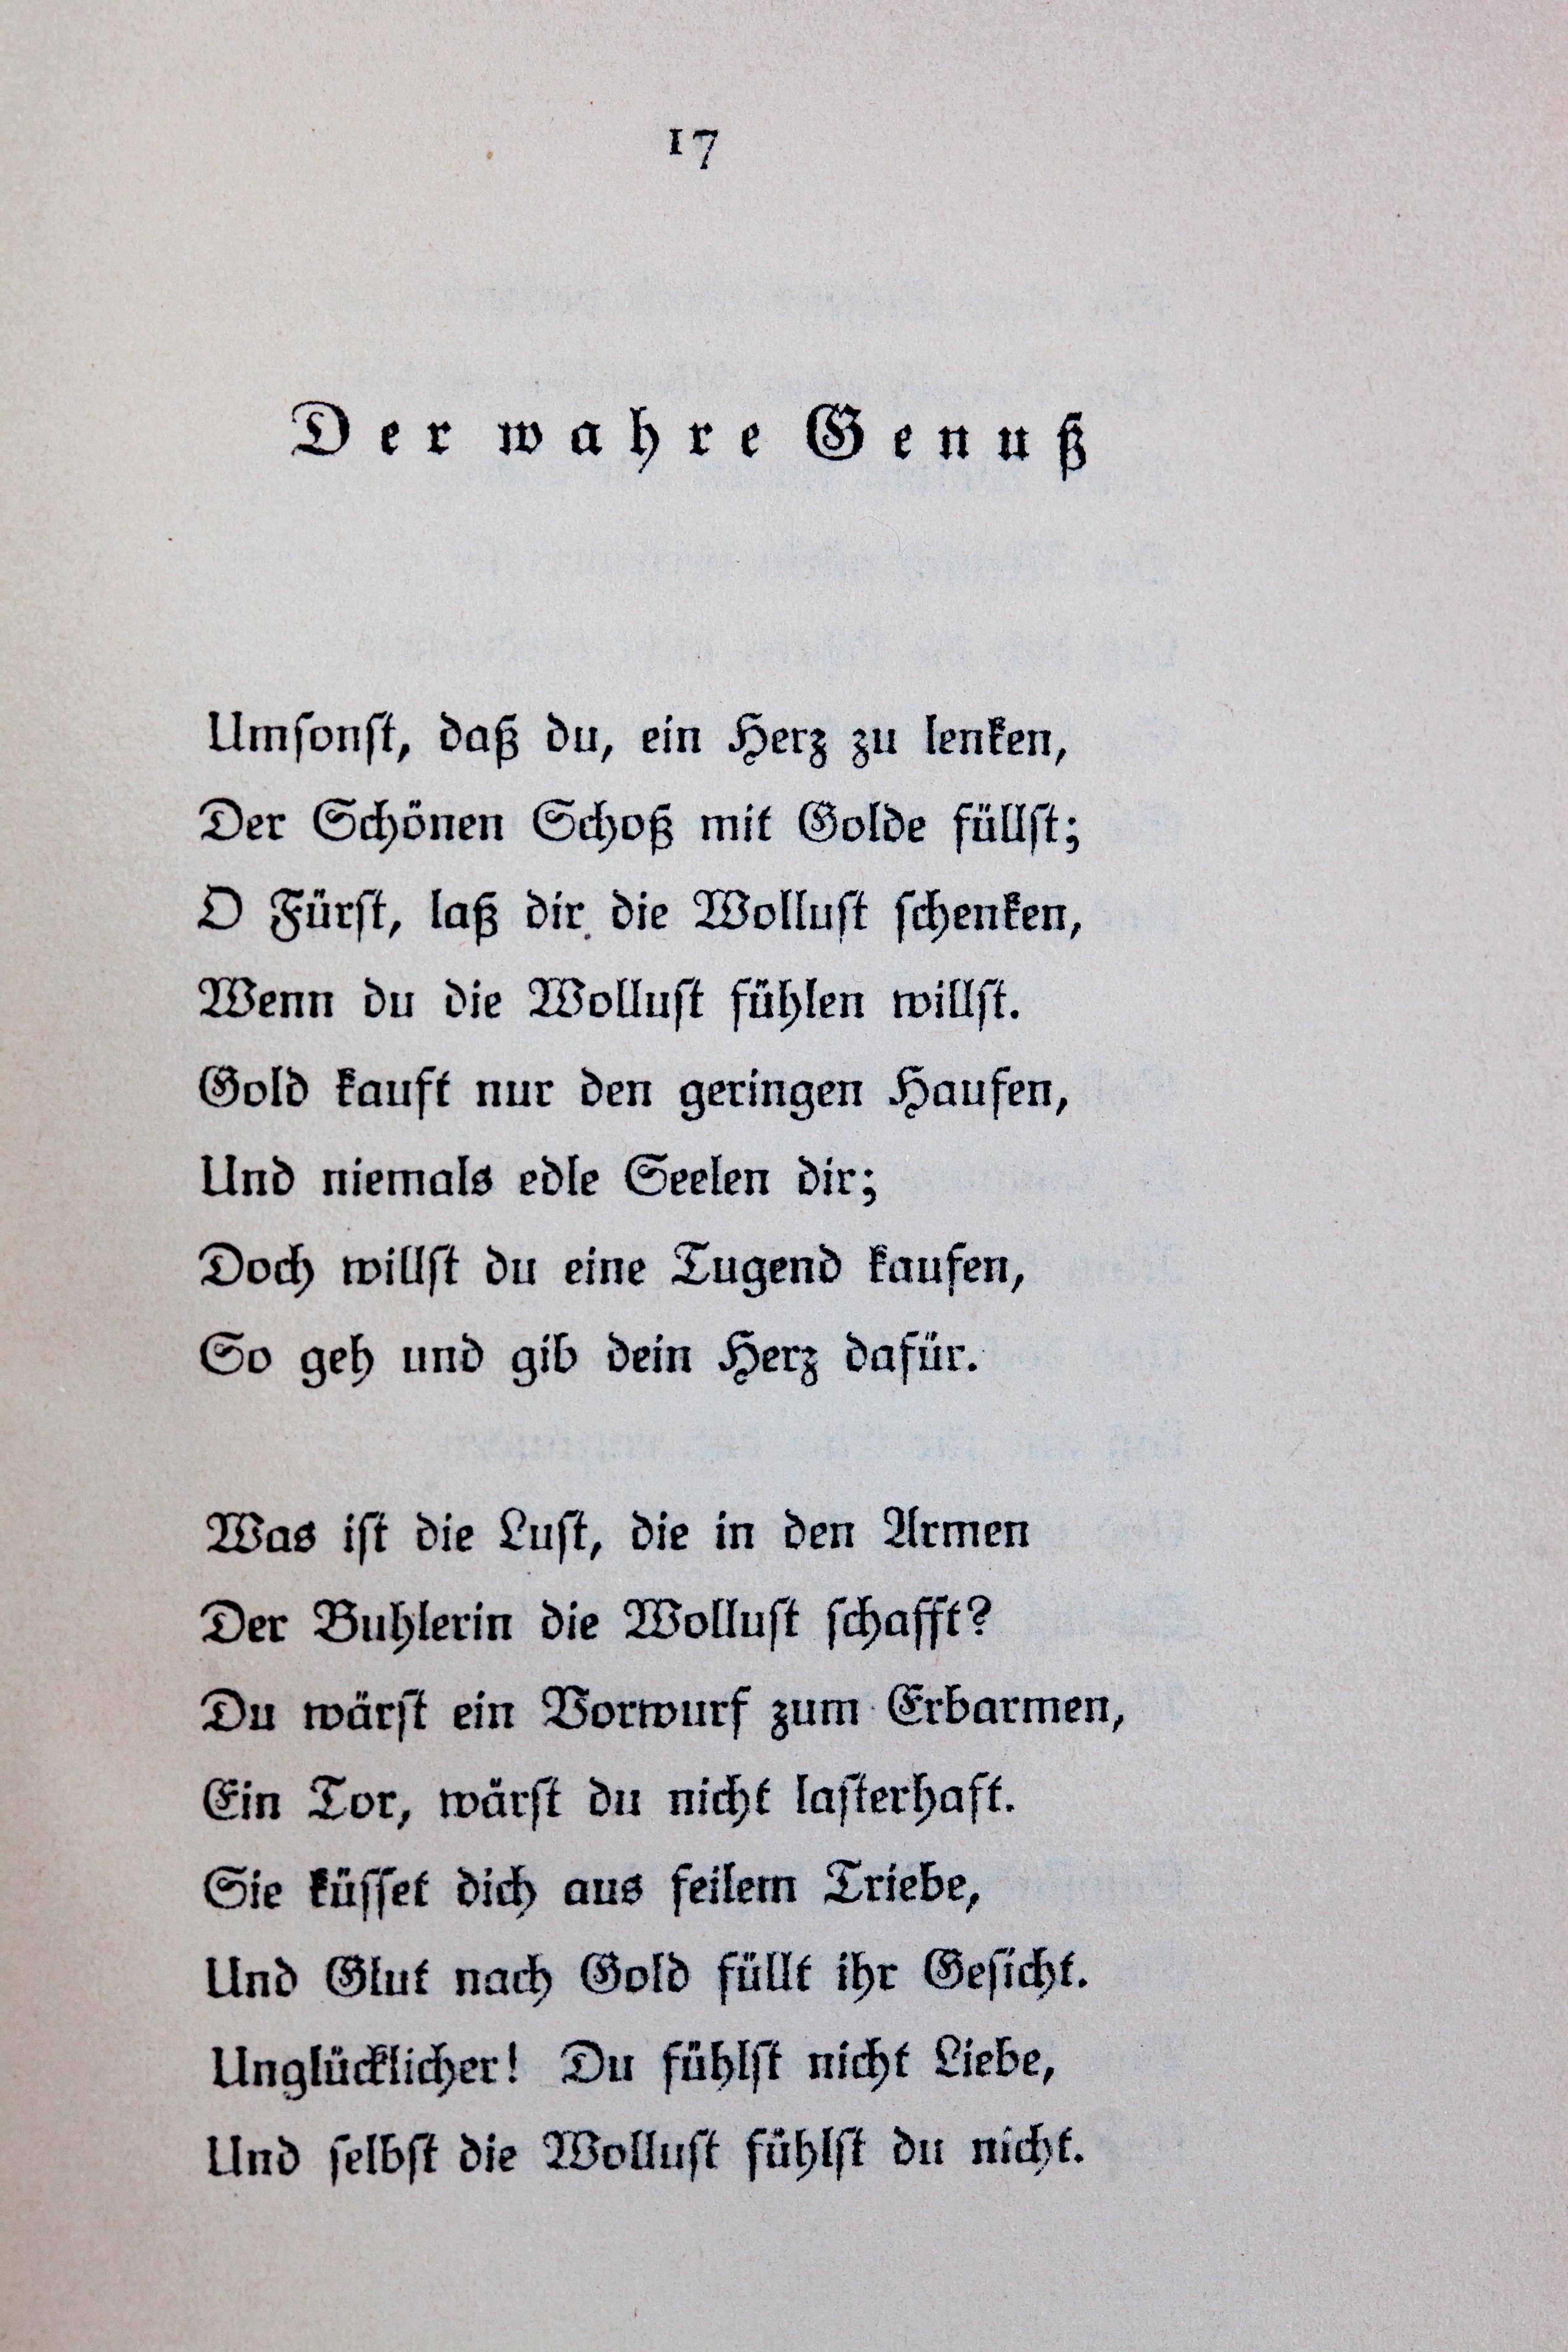 Filegoethes Liebesgedichte Im Insel Verlag 017jpg